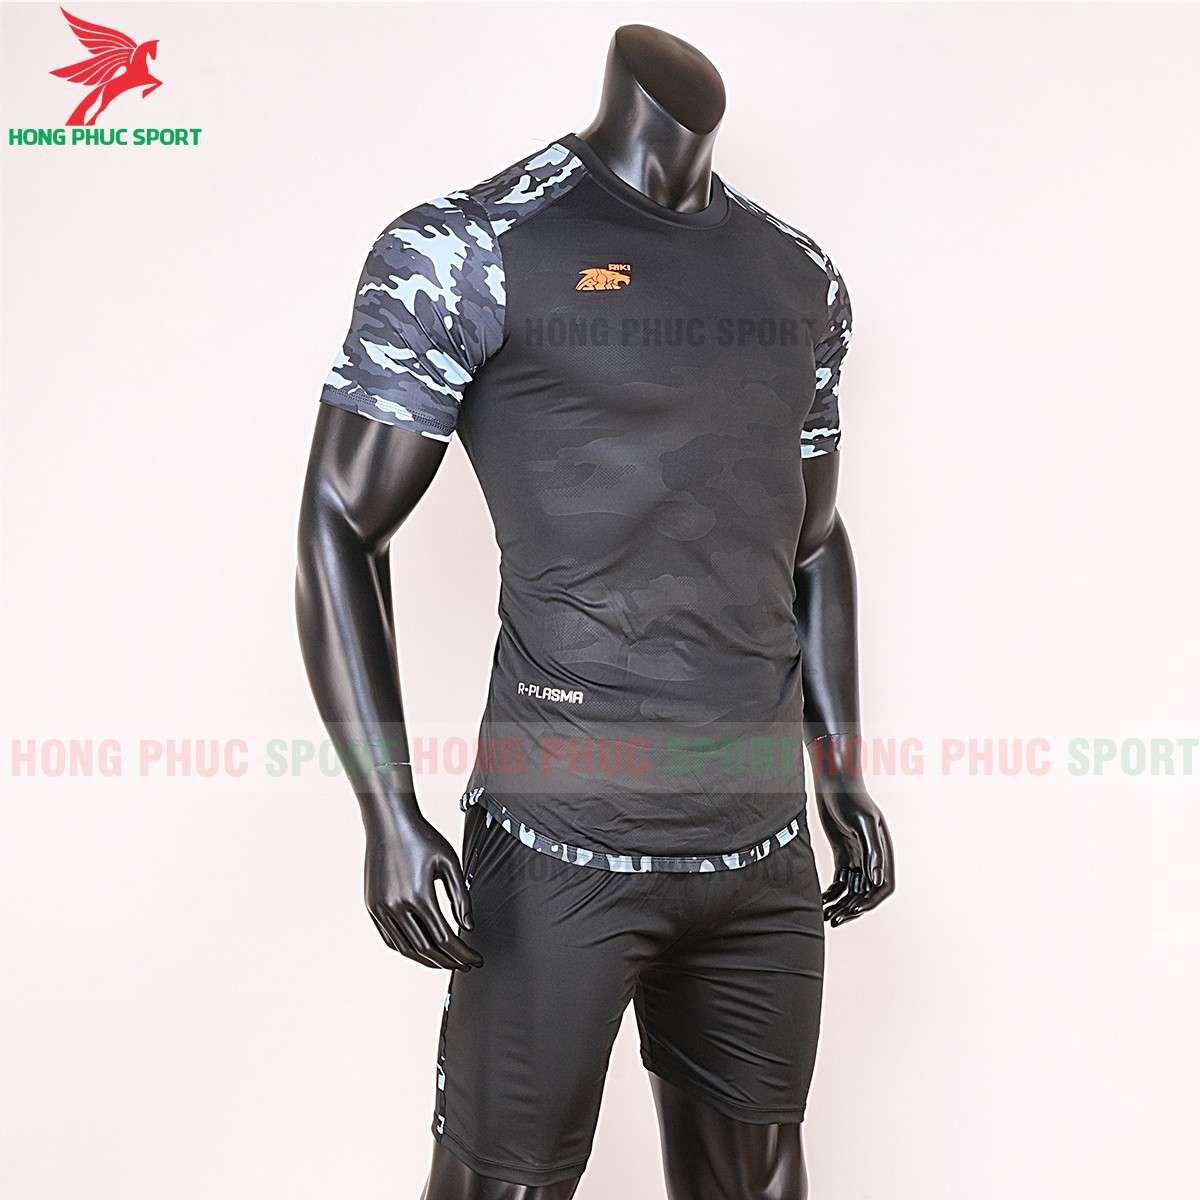 https://cdn.hongphucsport.com/unsafe/cdn.hongphucsport.com/dothethao.net.vn/wp-content/uploads/2020/02/ao-bong-da-khong-logo-riki-camor-den-2.jpg